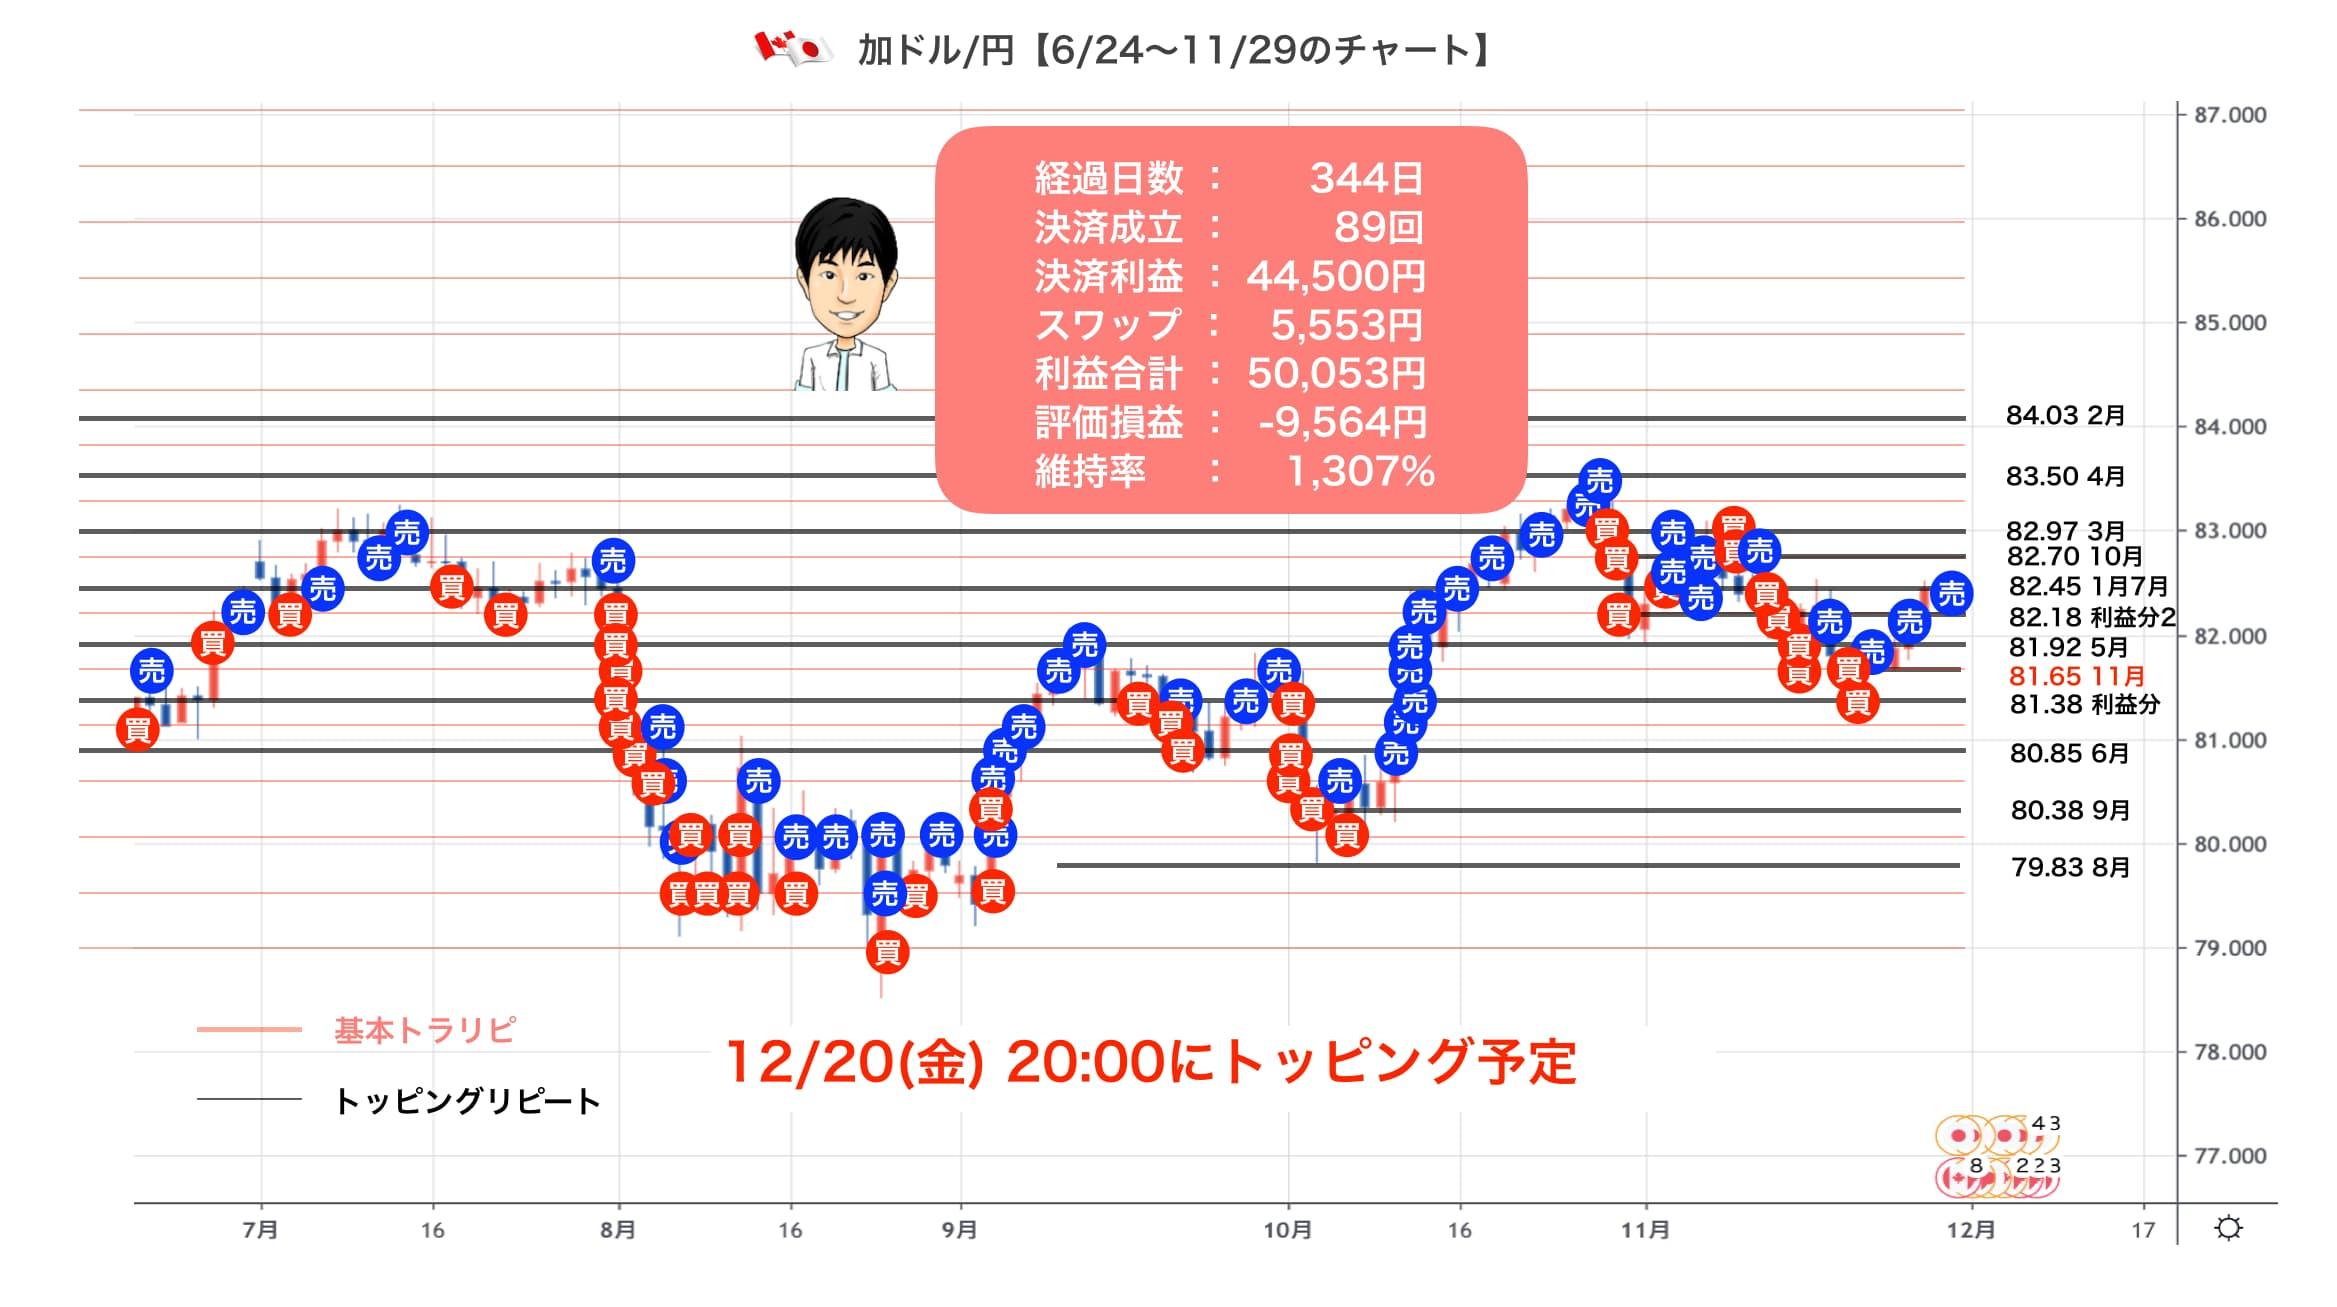 1129の加ドル/円チャート